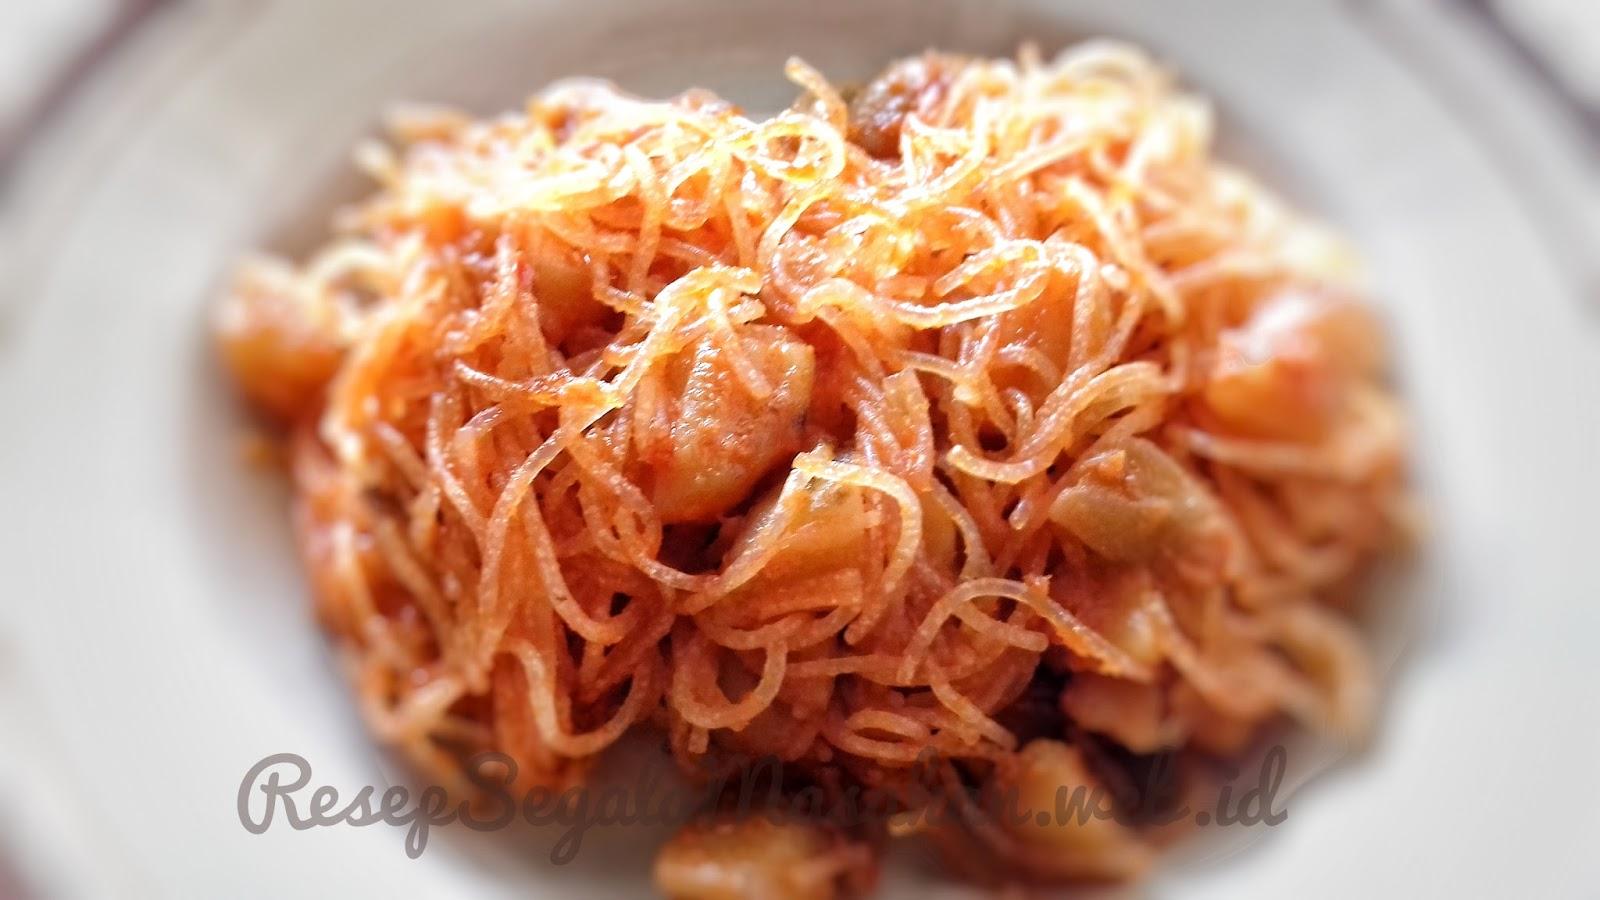 resep masakan bihun cabe hijau resep manis masakan indonesia Resepi Ikan Kembung Bumbu Kuning Santan Enak dan Mudah